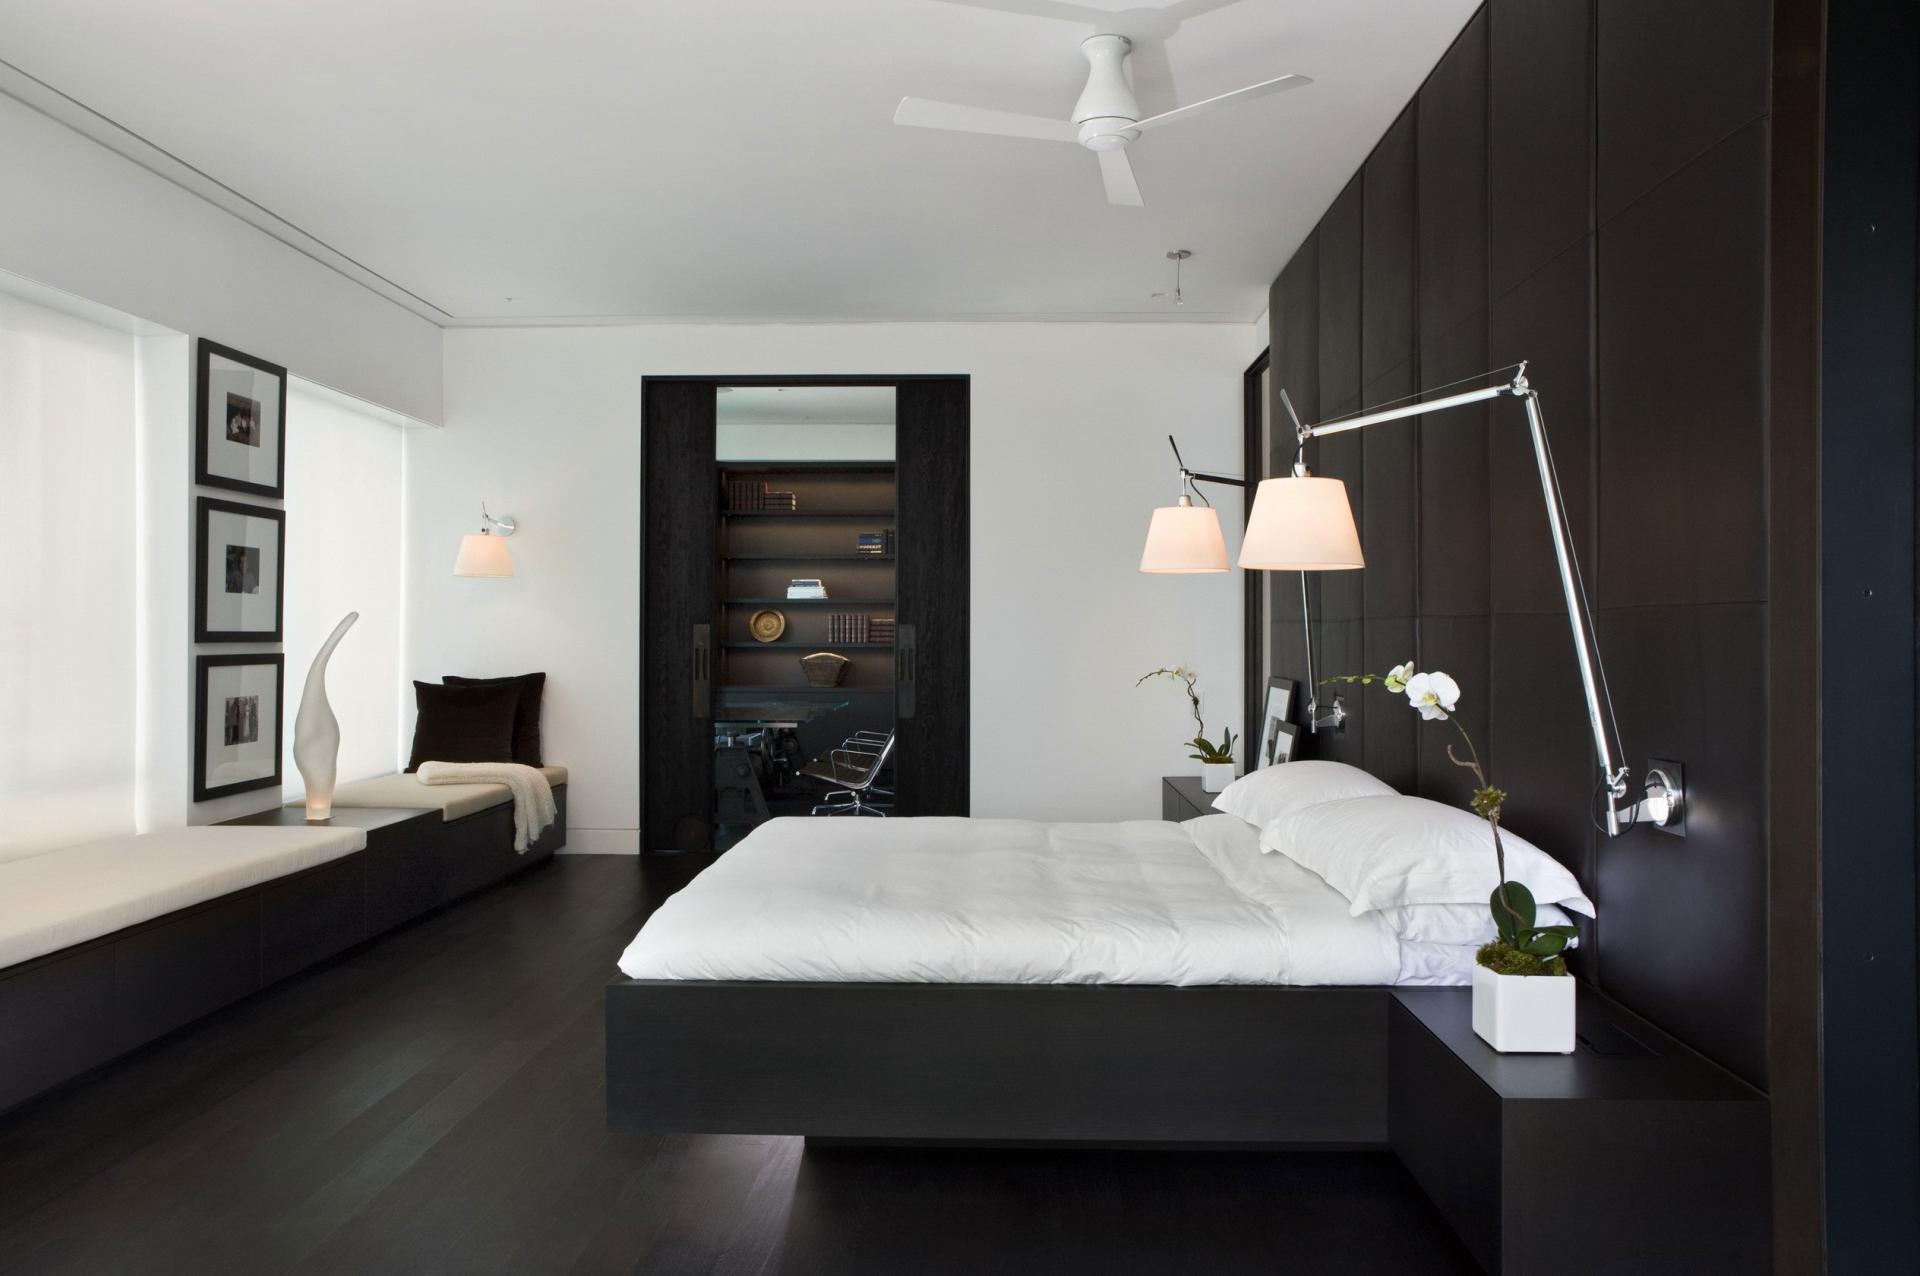 темная мебель в светлой комнате дизайн